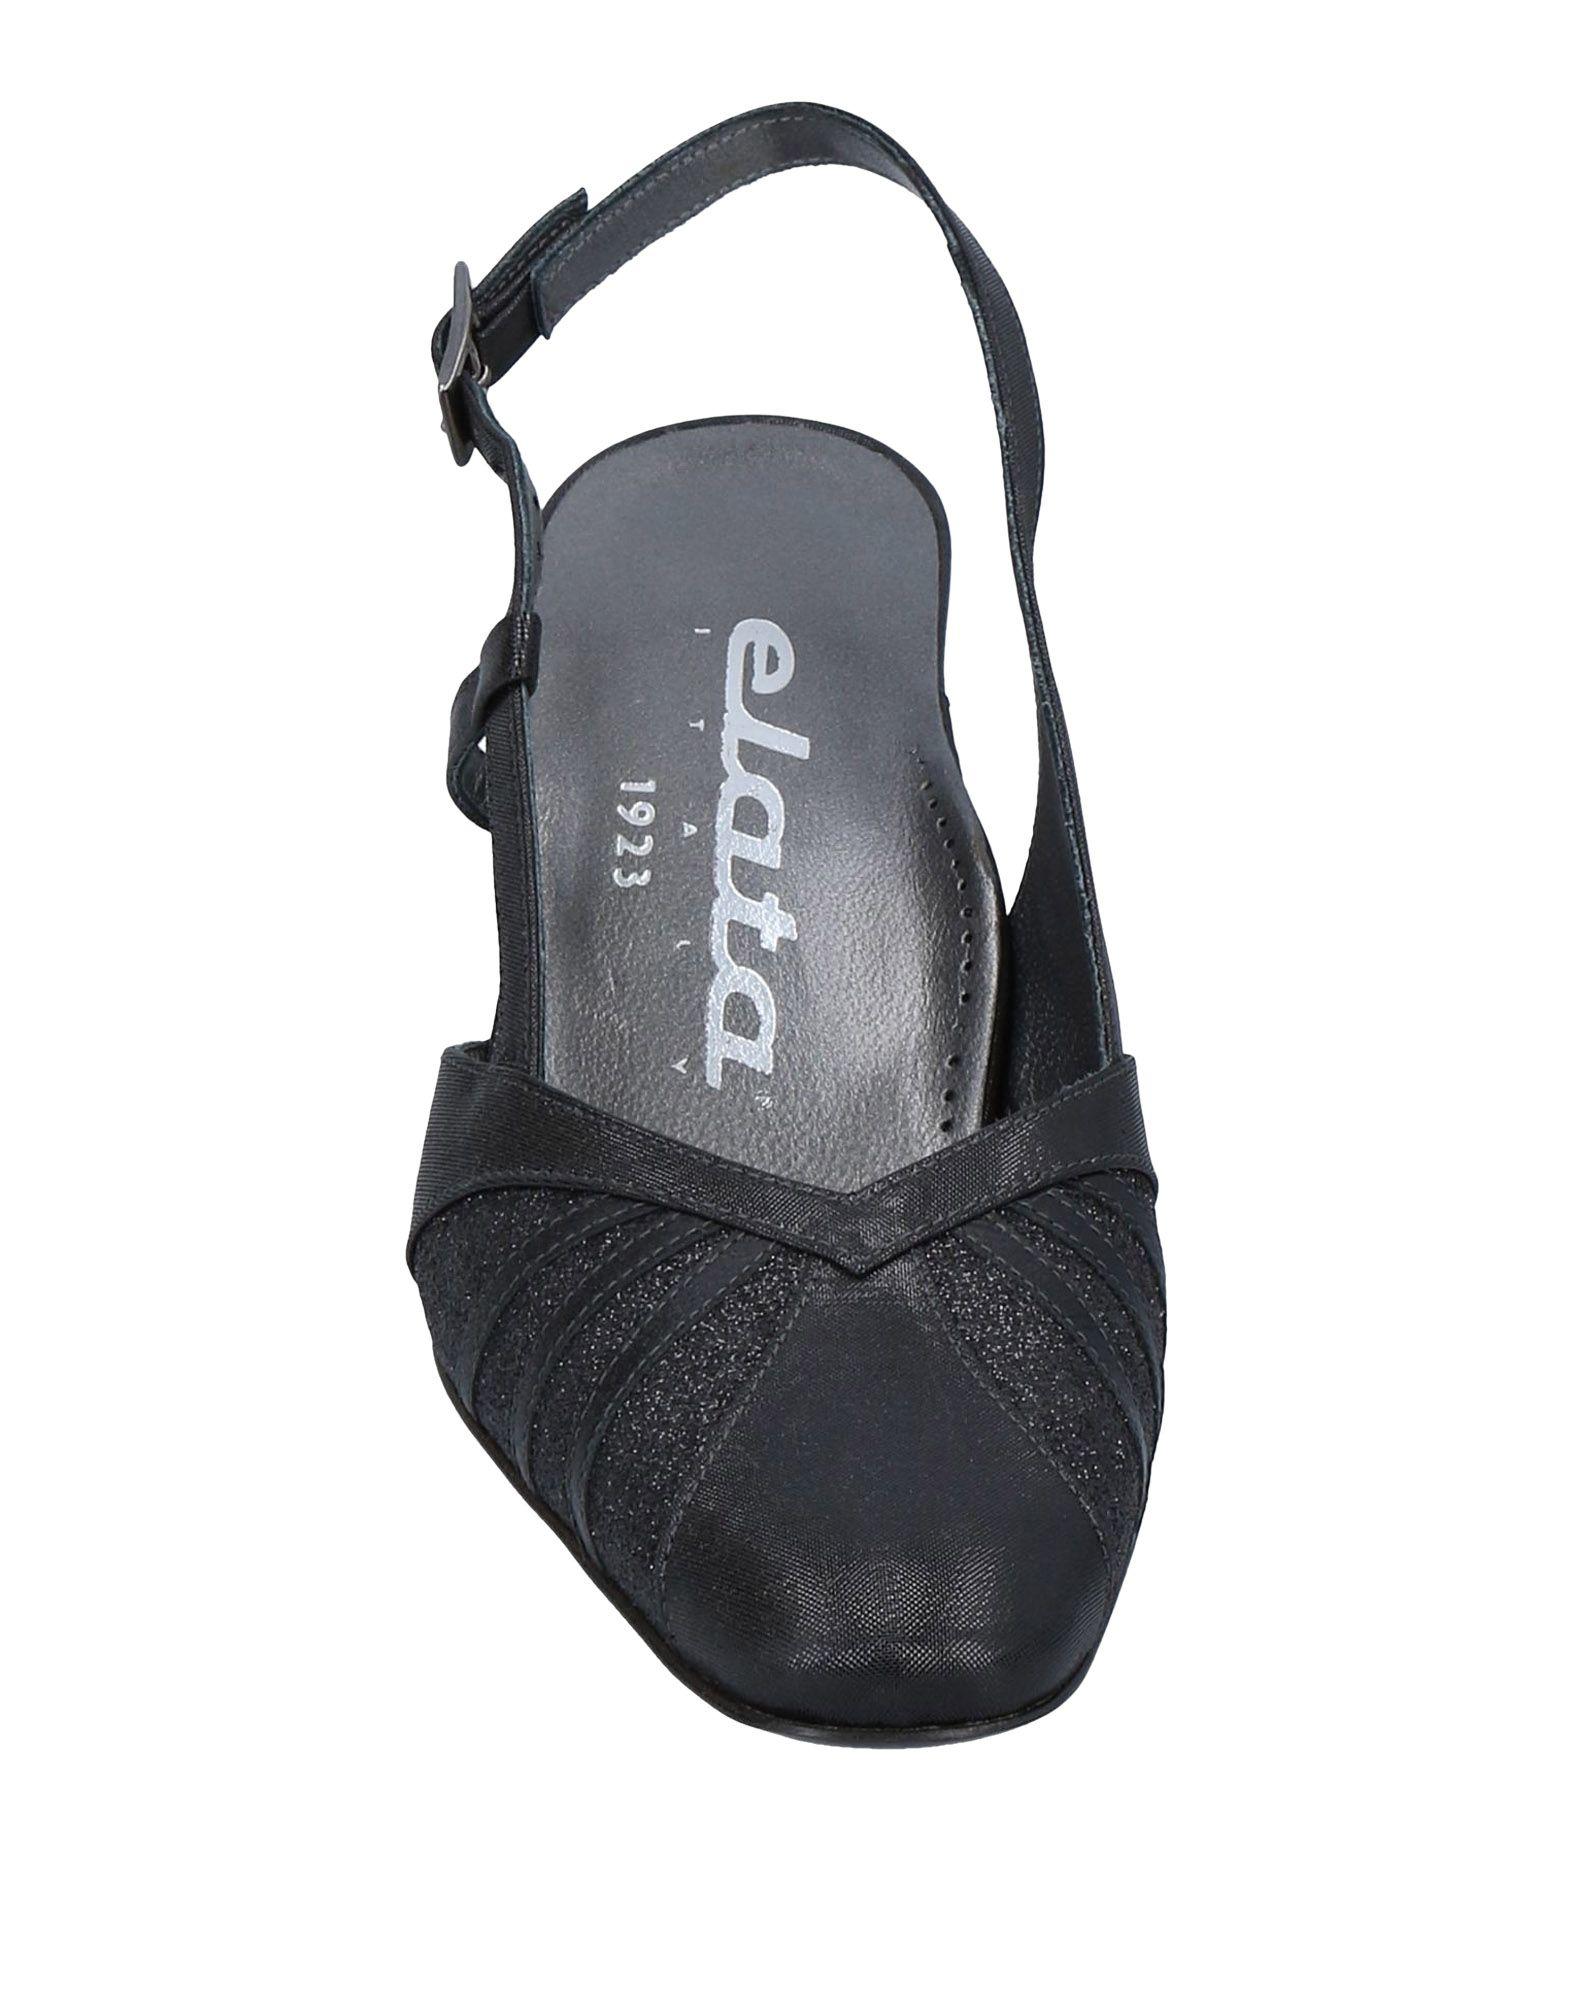 Elata Pumps Damen  11506183PI Gute Gute Gute Qualität beliebte Schuhe c8e8cf